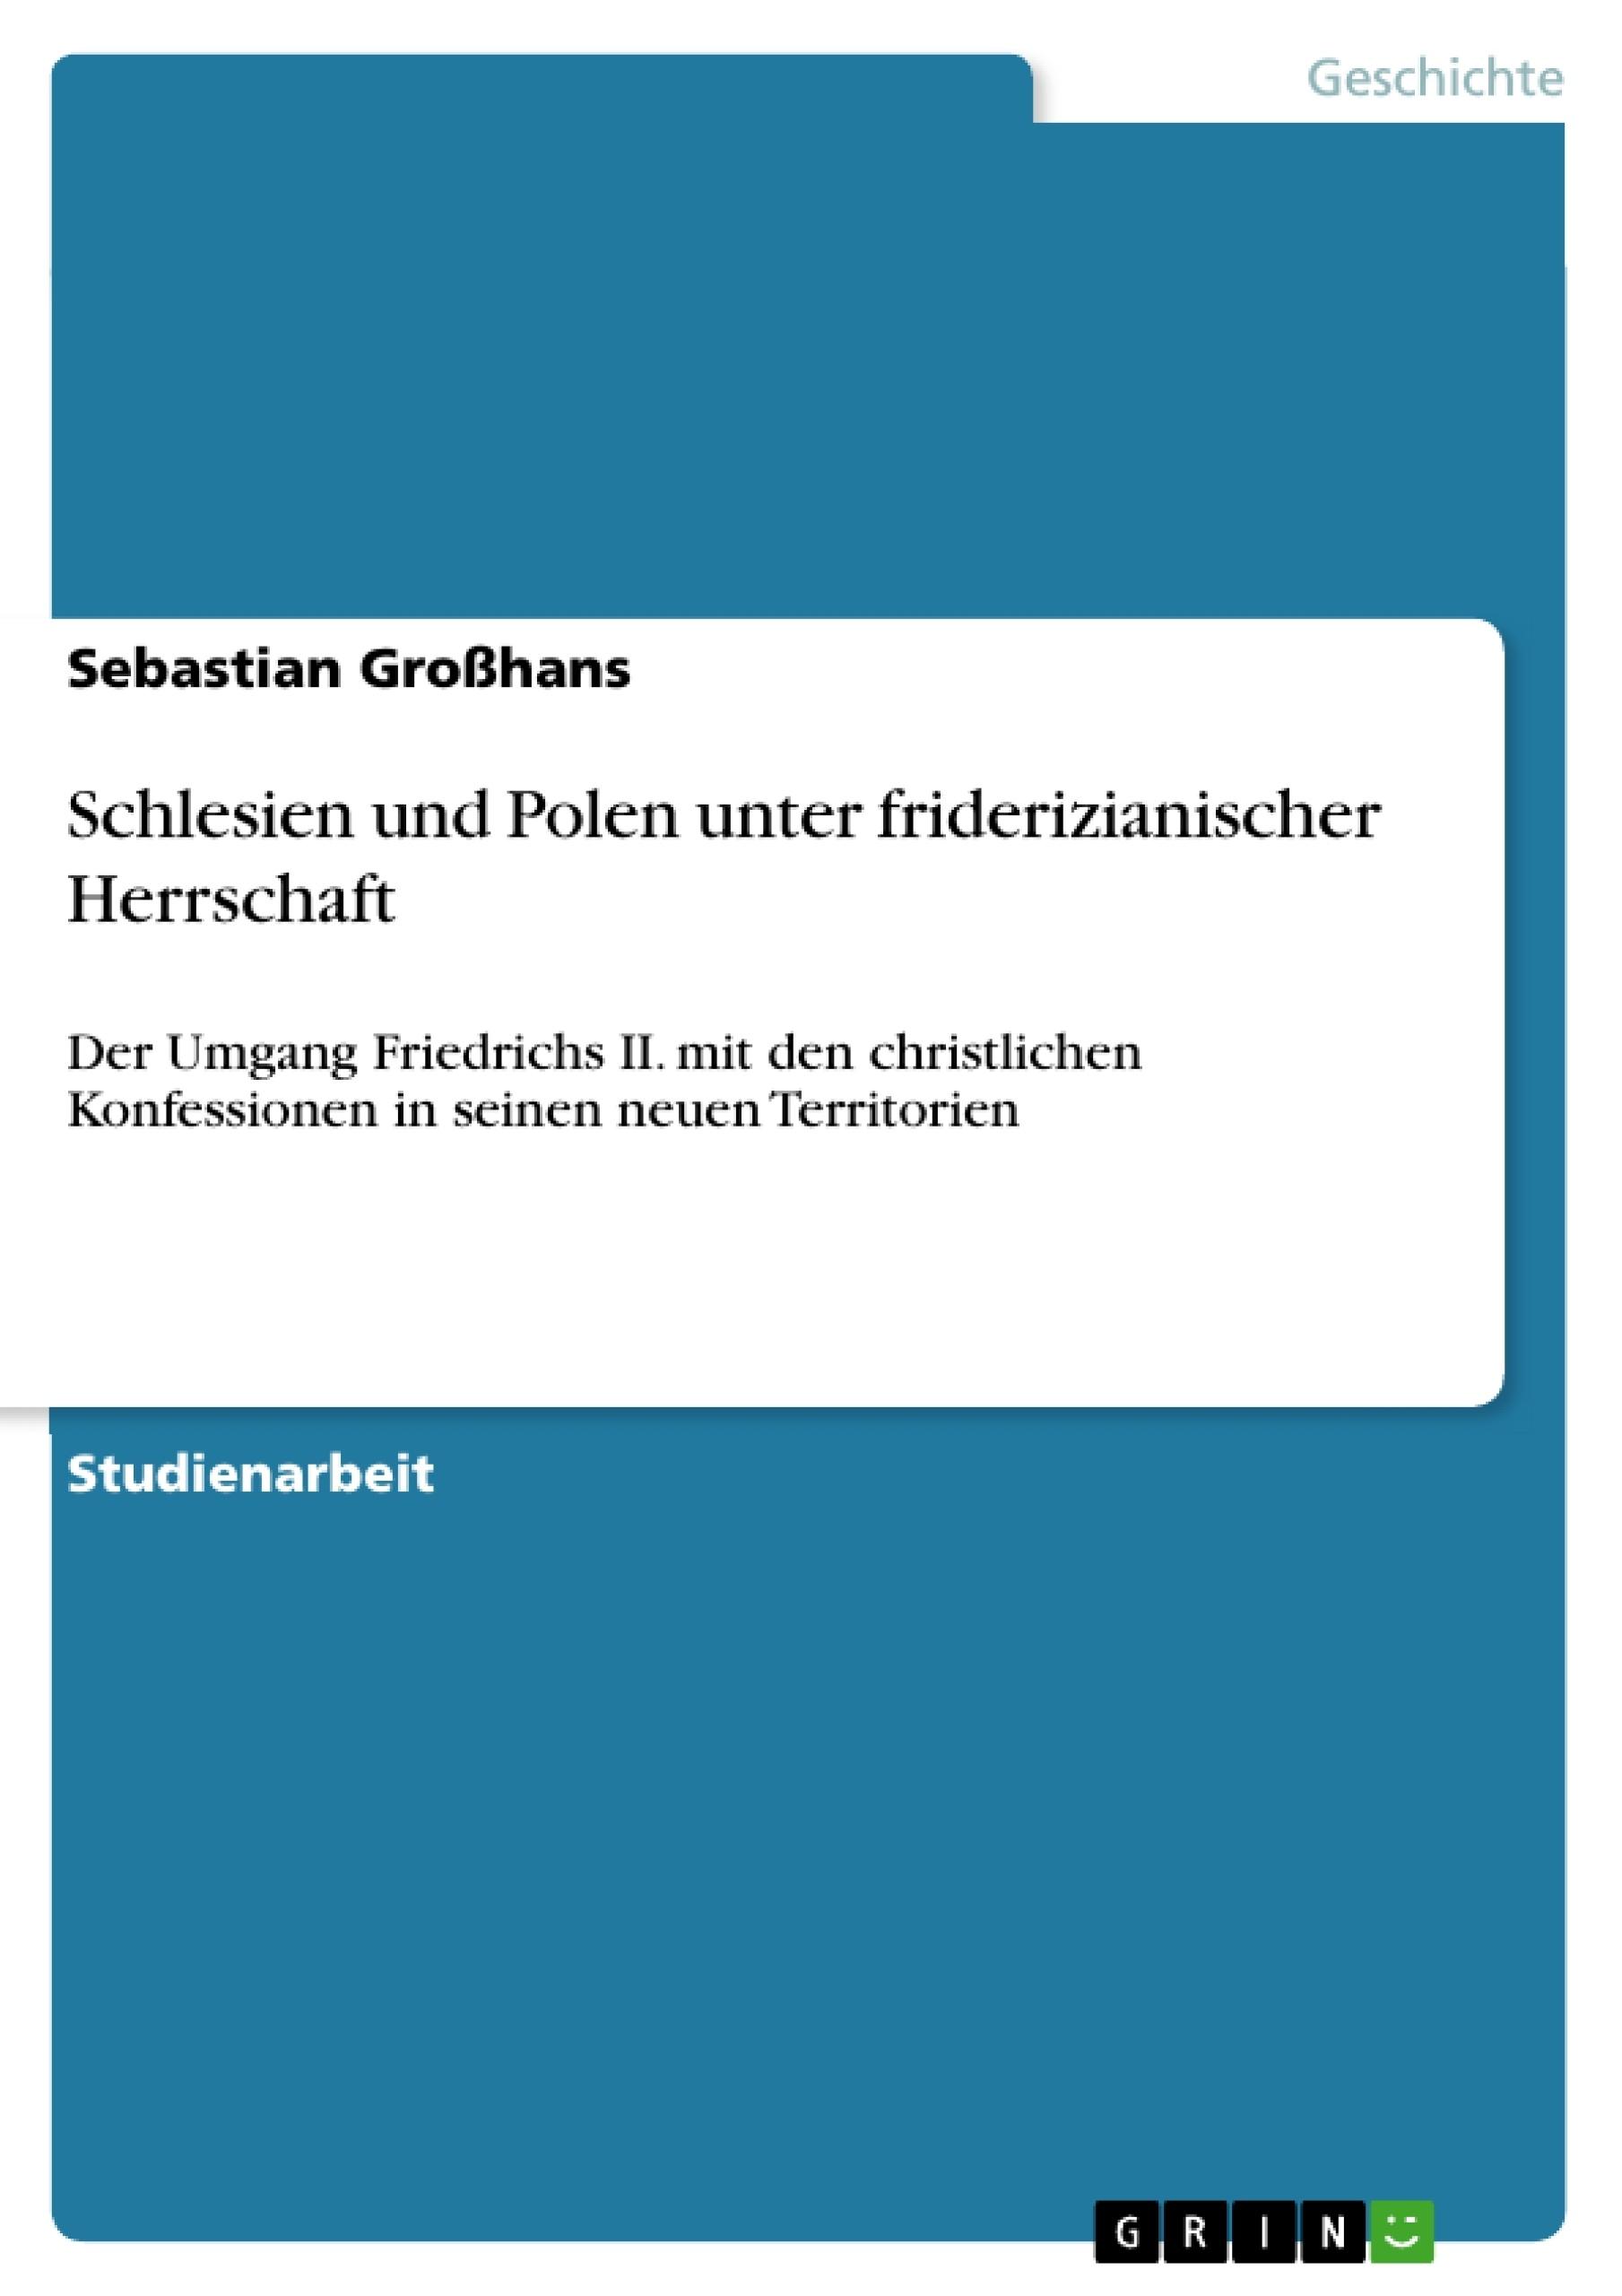 Titel: Schlesien und Polen unter friderizianischer Herrschaft